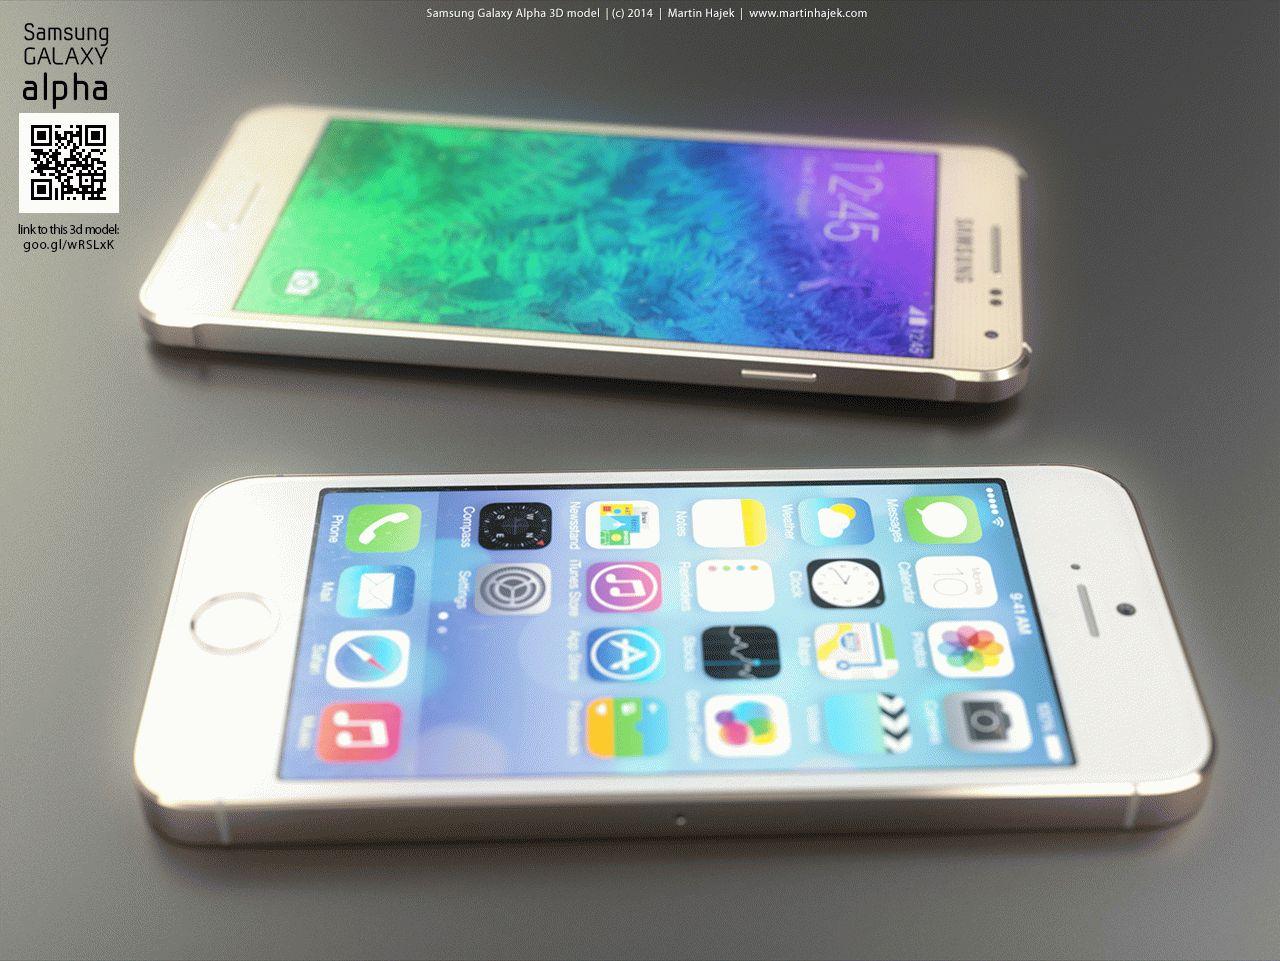 kak-daleko-samsung-zashla-v-kopirovanii-apple-galaxy-alpha-protiv-iphone--